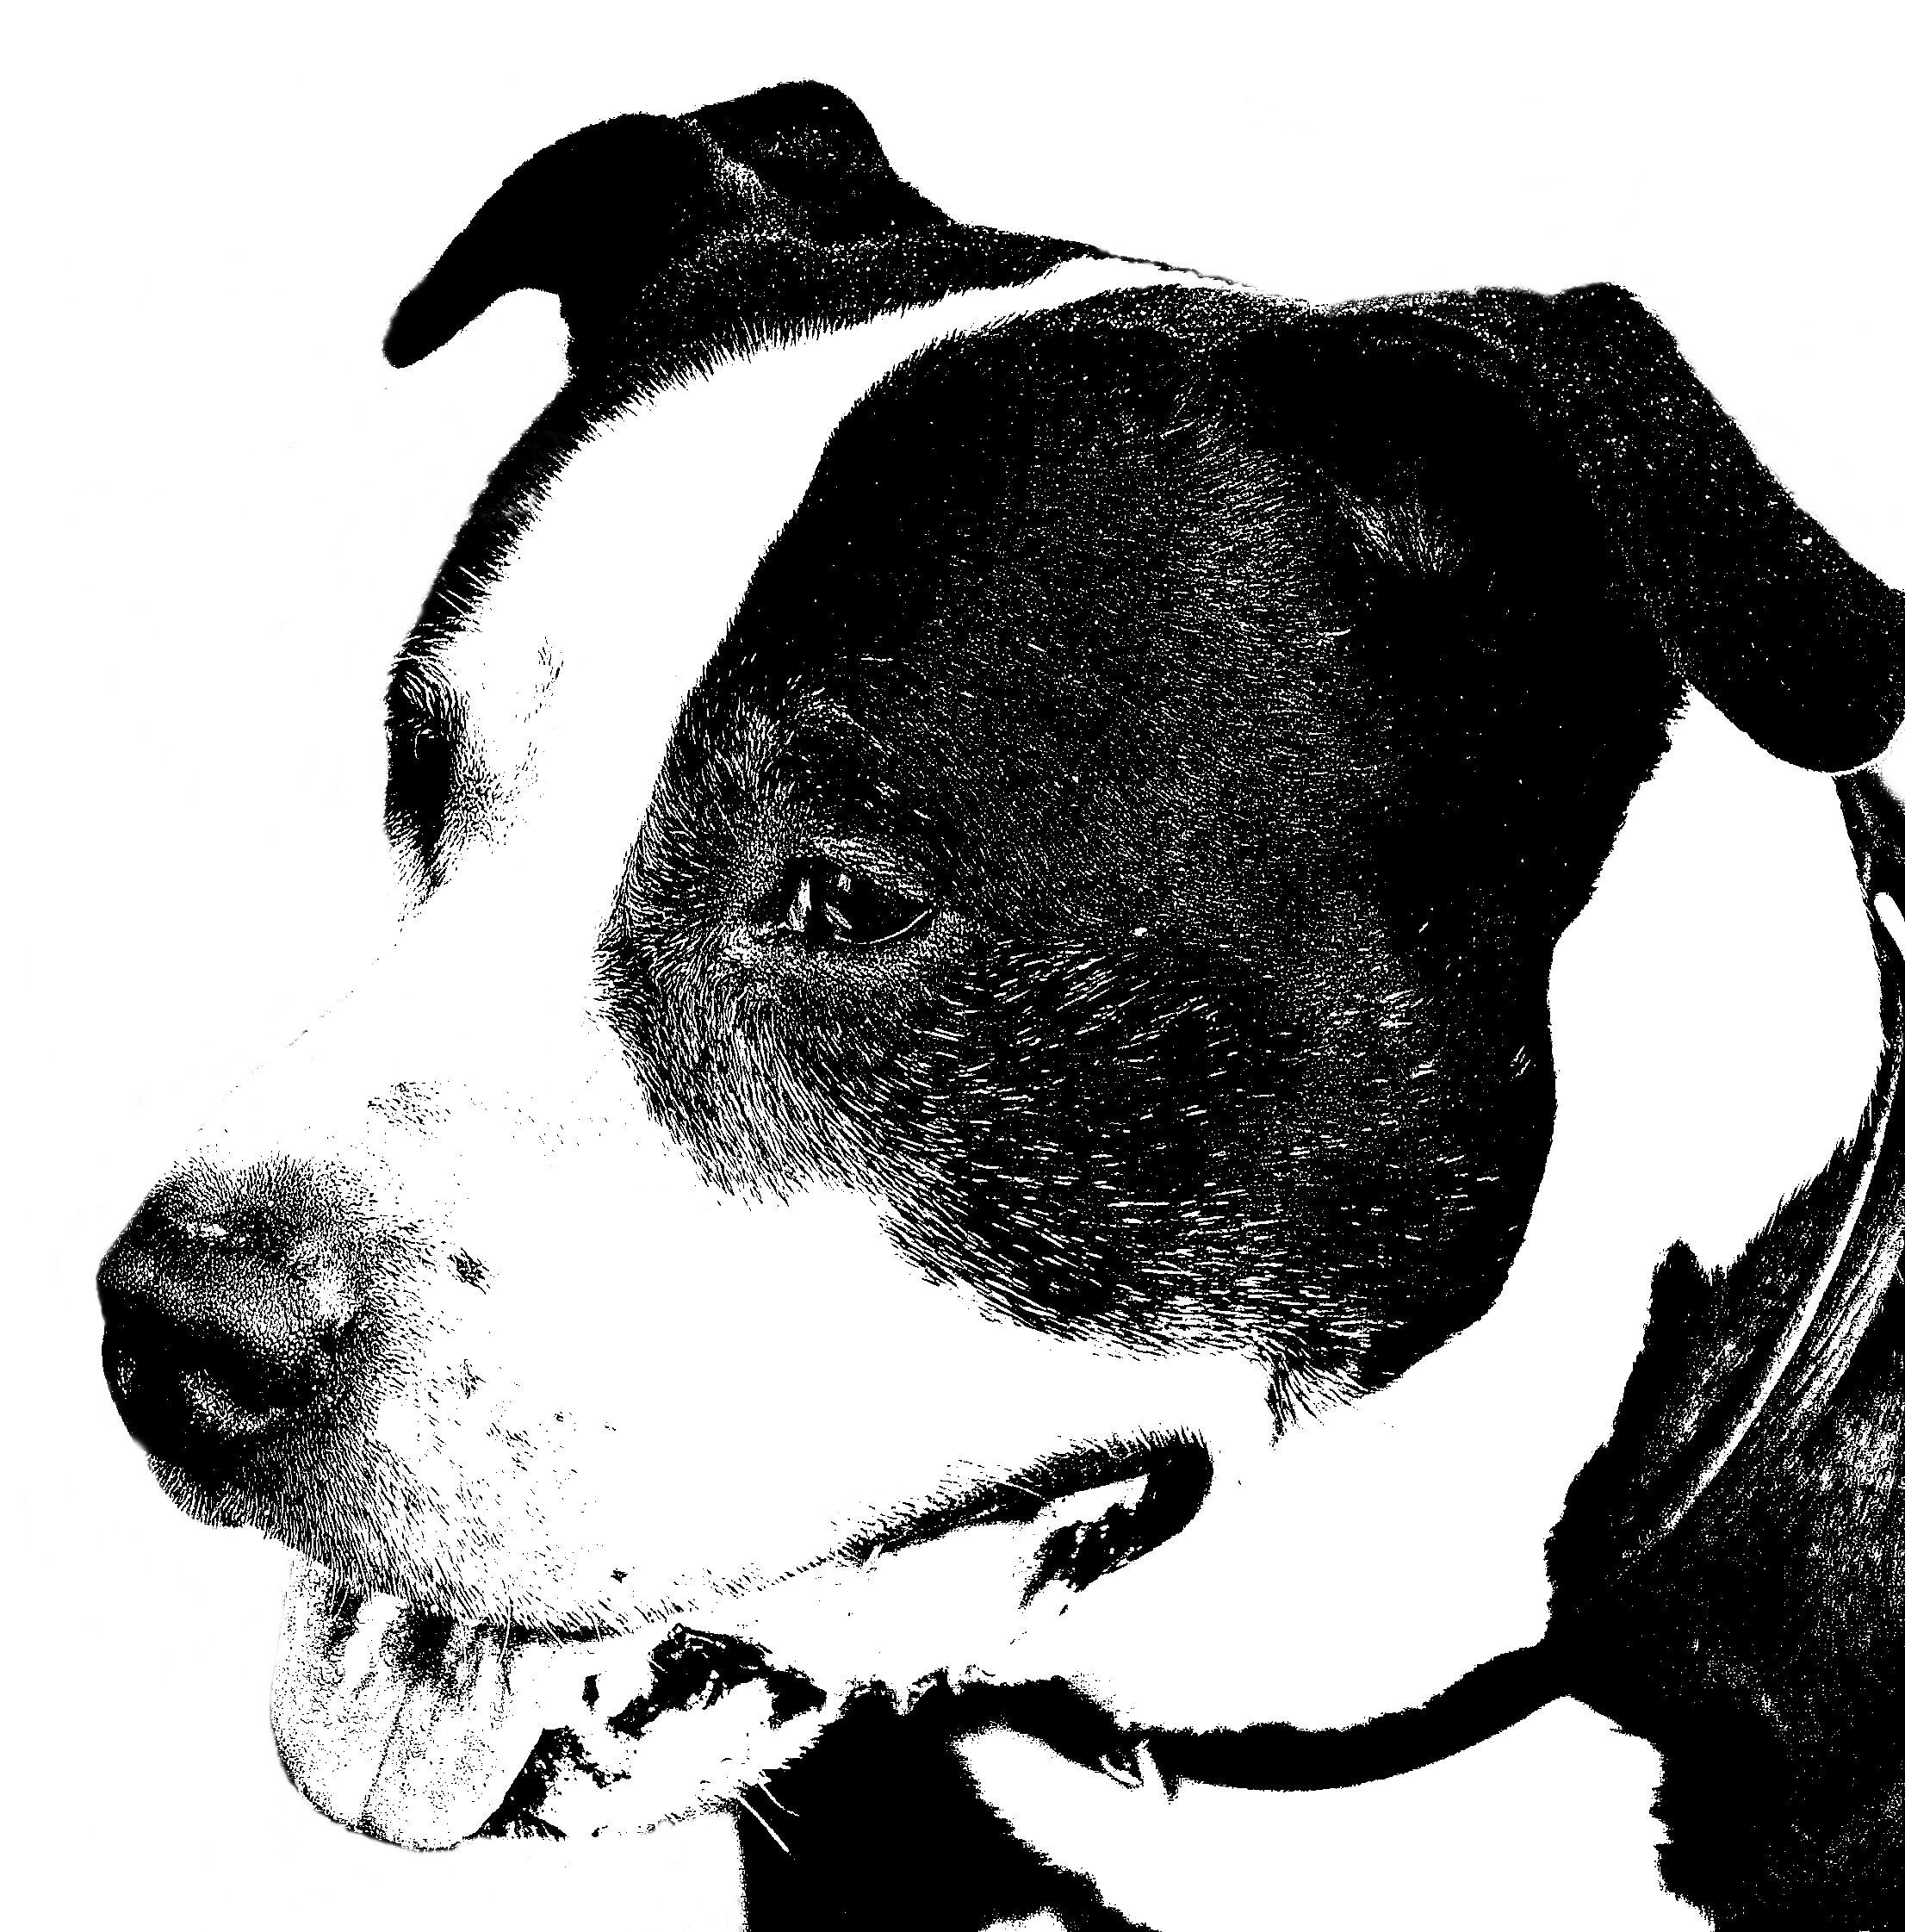 Fotos Gratis En Blanco Y Negro Perro Retrato Monocromo